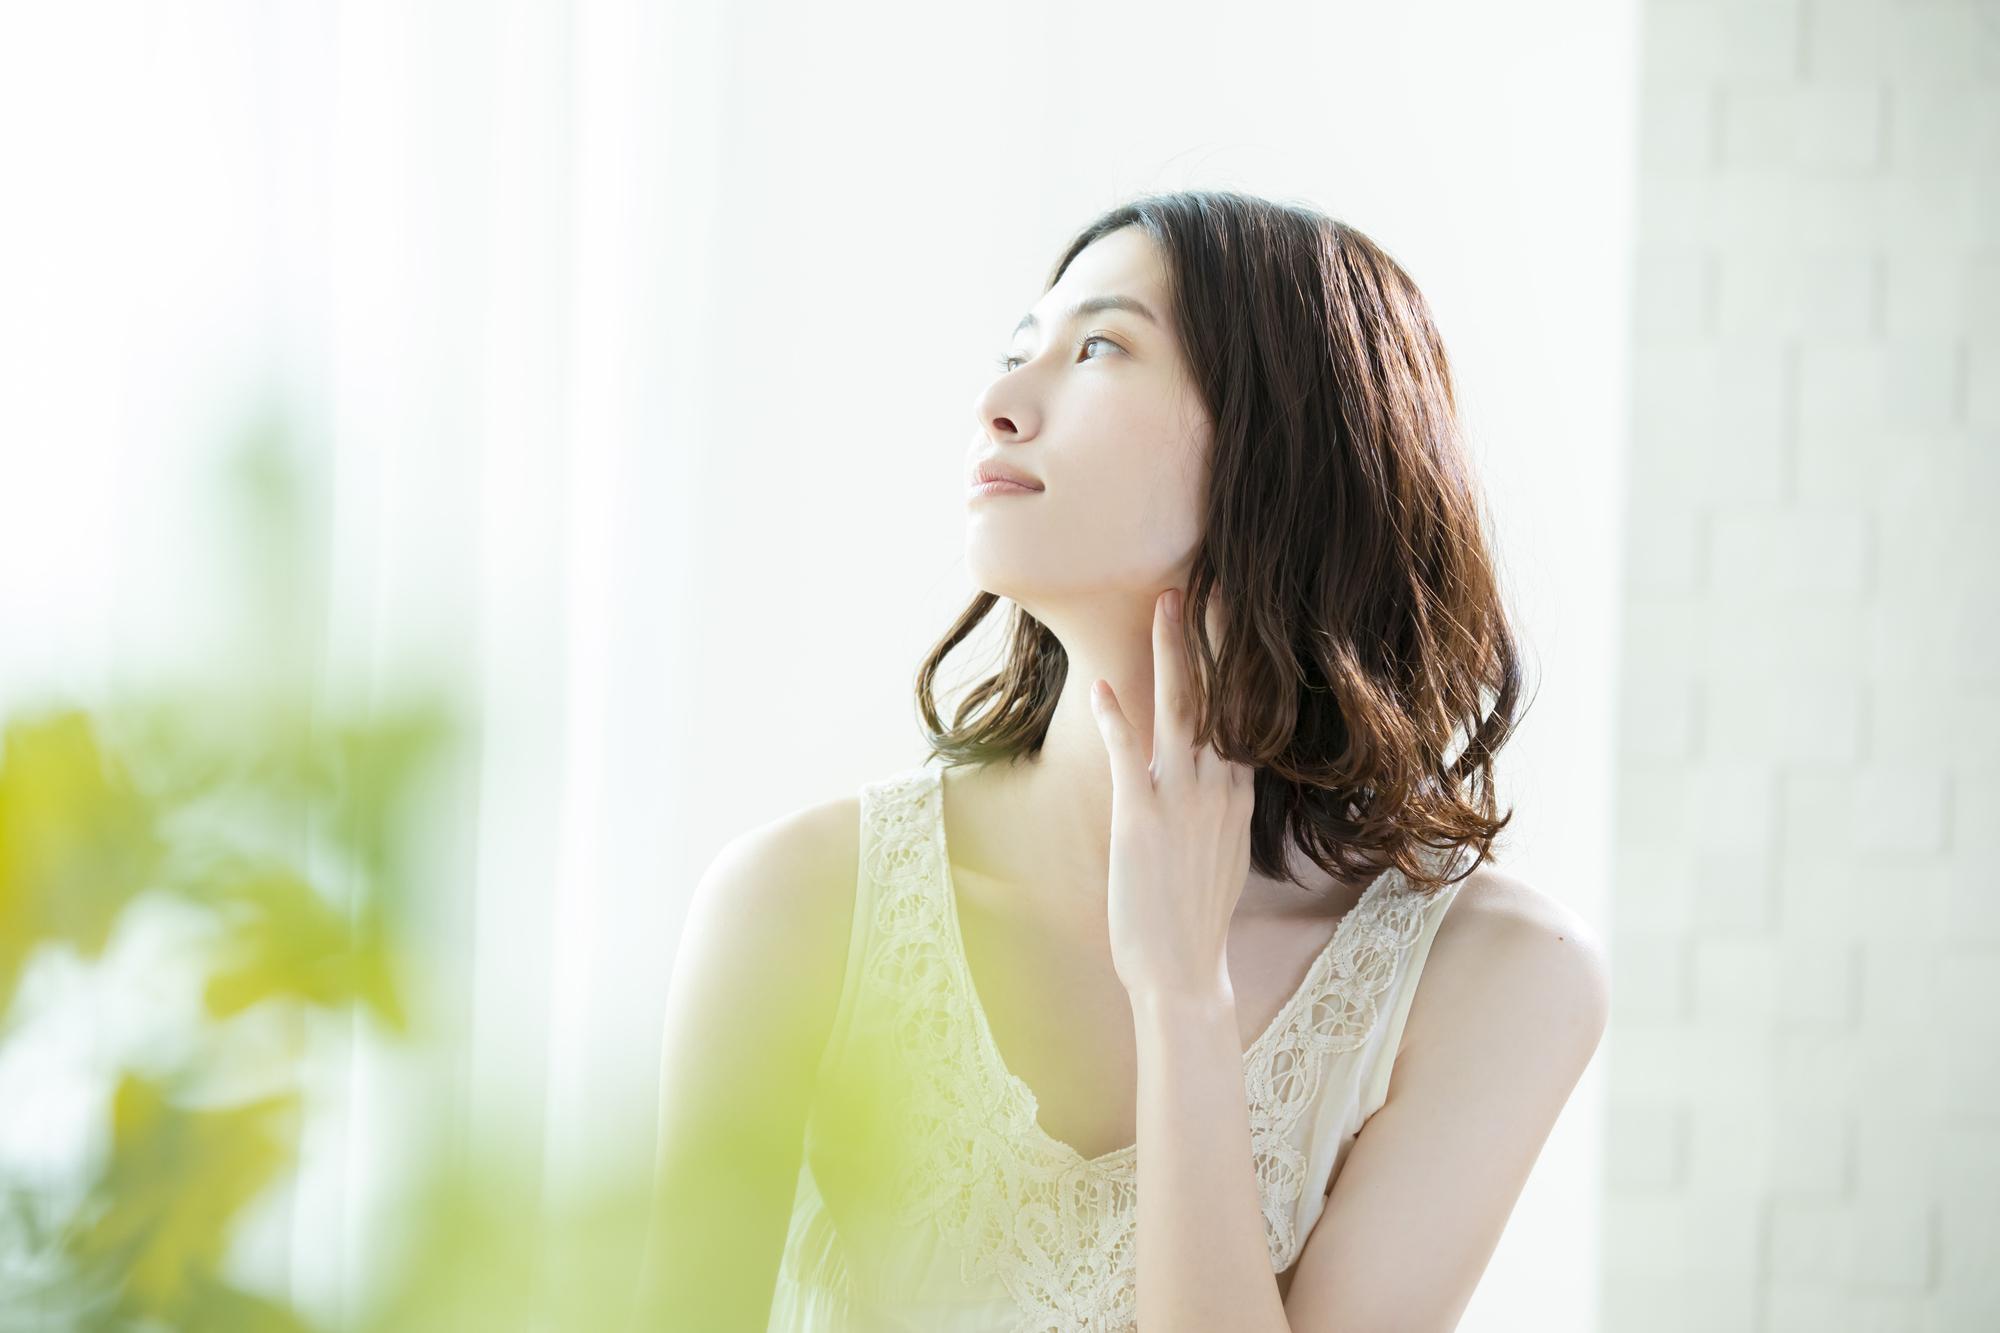 敏感肌でも安心の美白化粧水ランキング!美白効果と肌への優しさで人気の化粧水